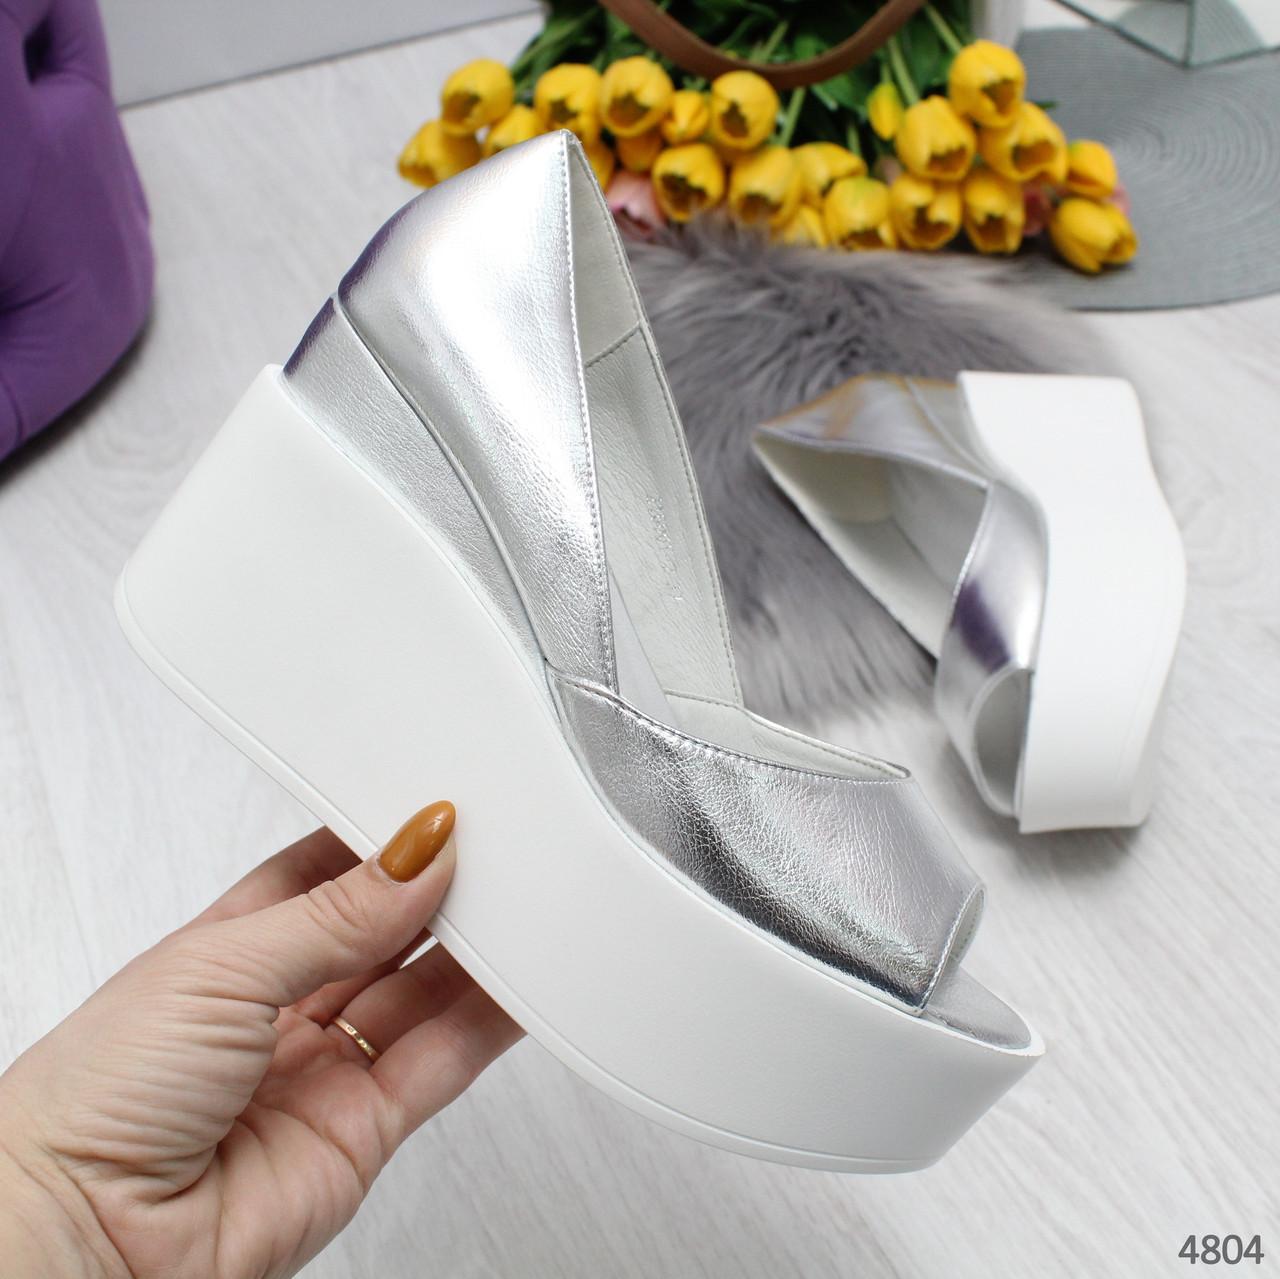 Туфли босоножки женские кожаные серебряные с открытым носком на высокой платформе Claudia